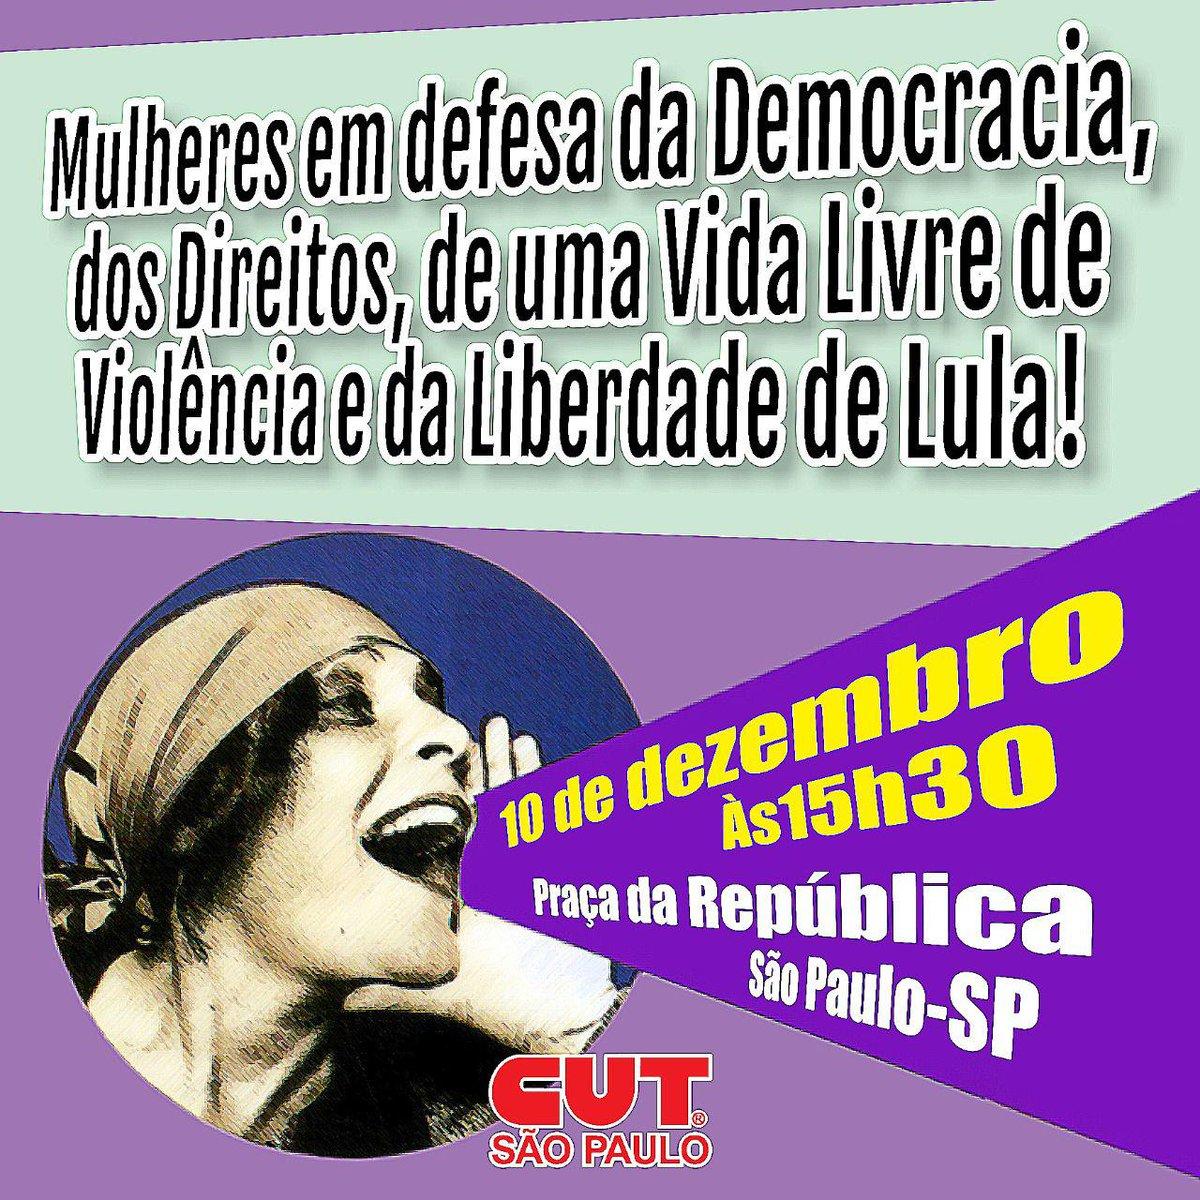 Hoje tem ato das mulheres em São Paulo #CUTsp #DireitosHumanos #CUT #Mulheres https://t.co/HcIcbq9whz